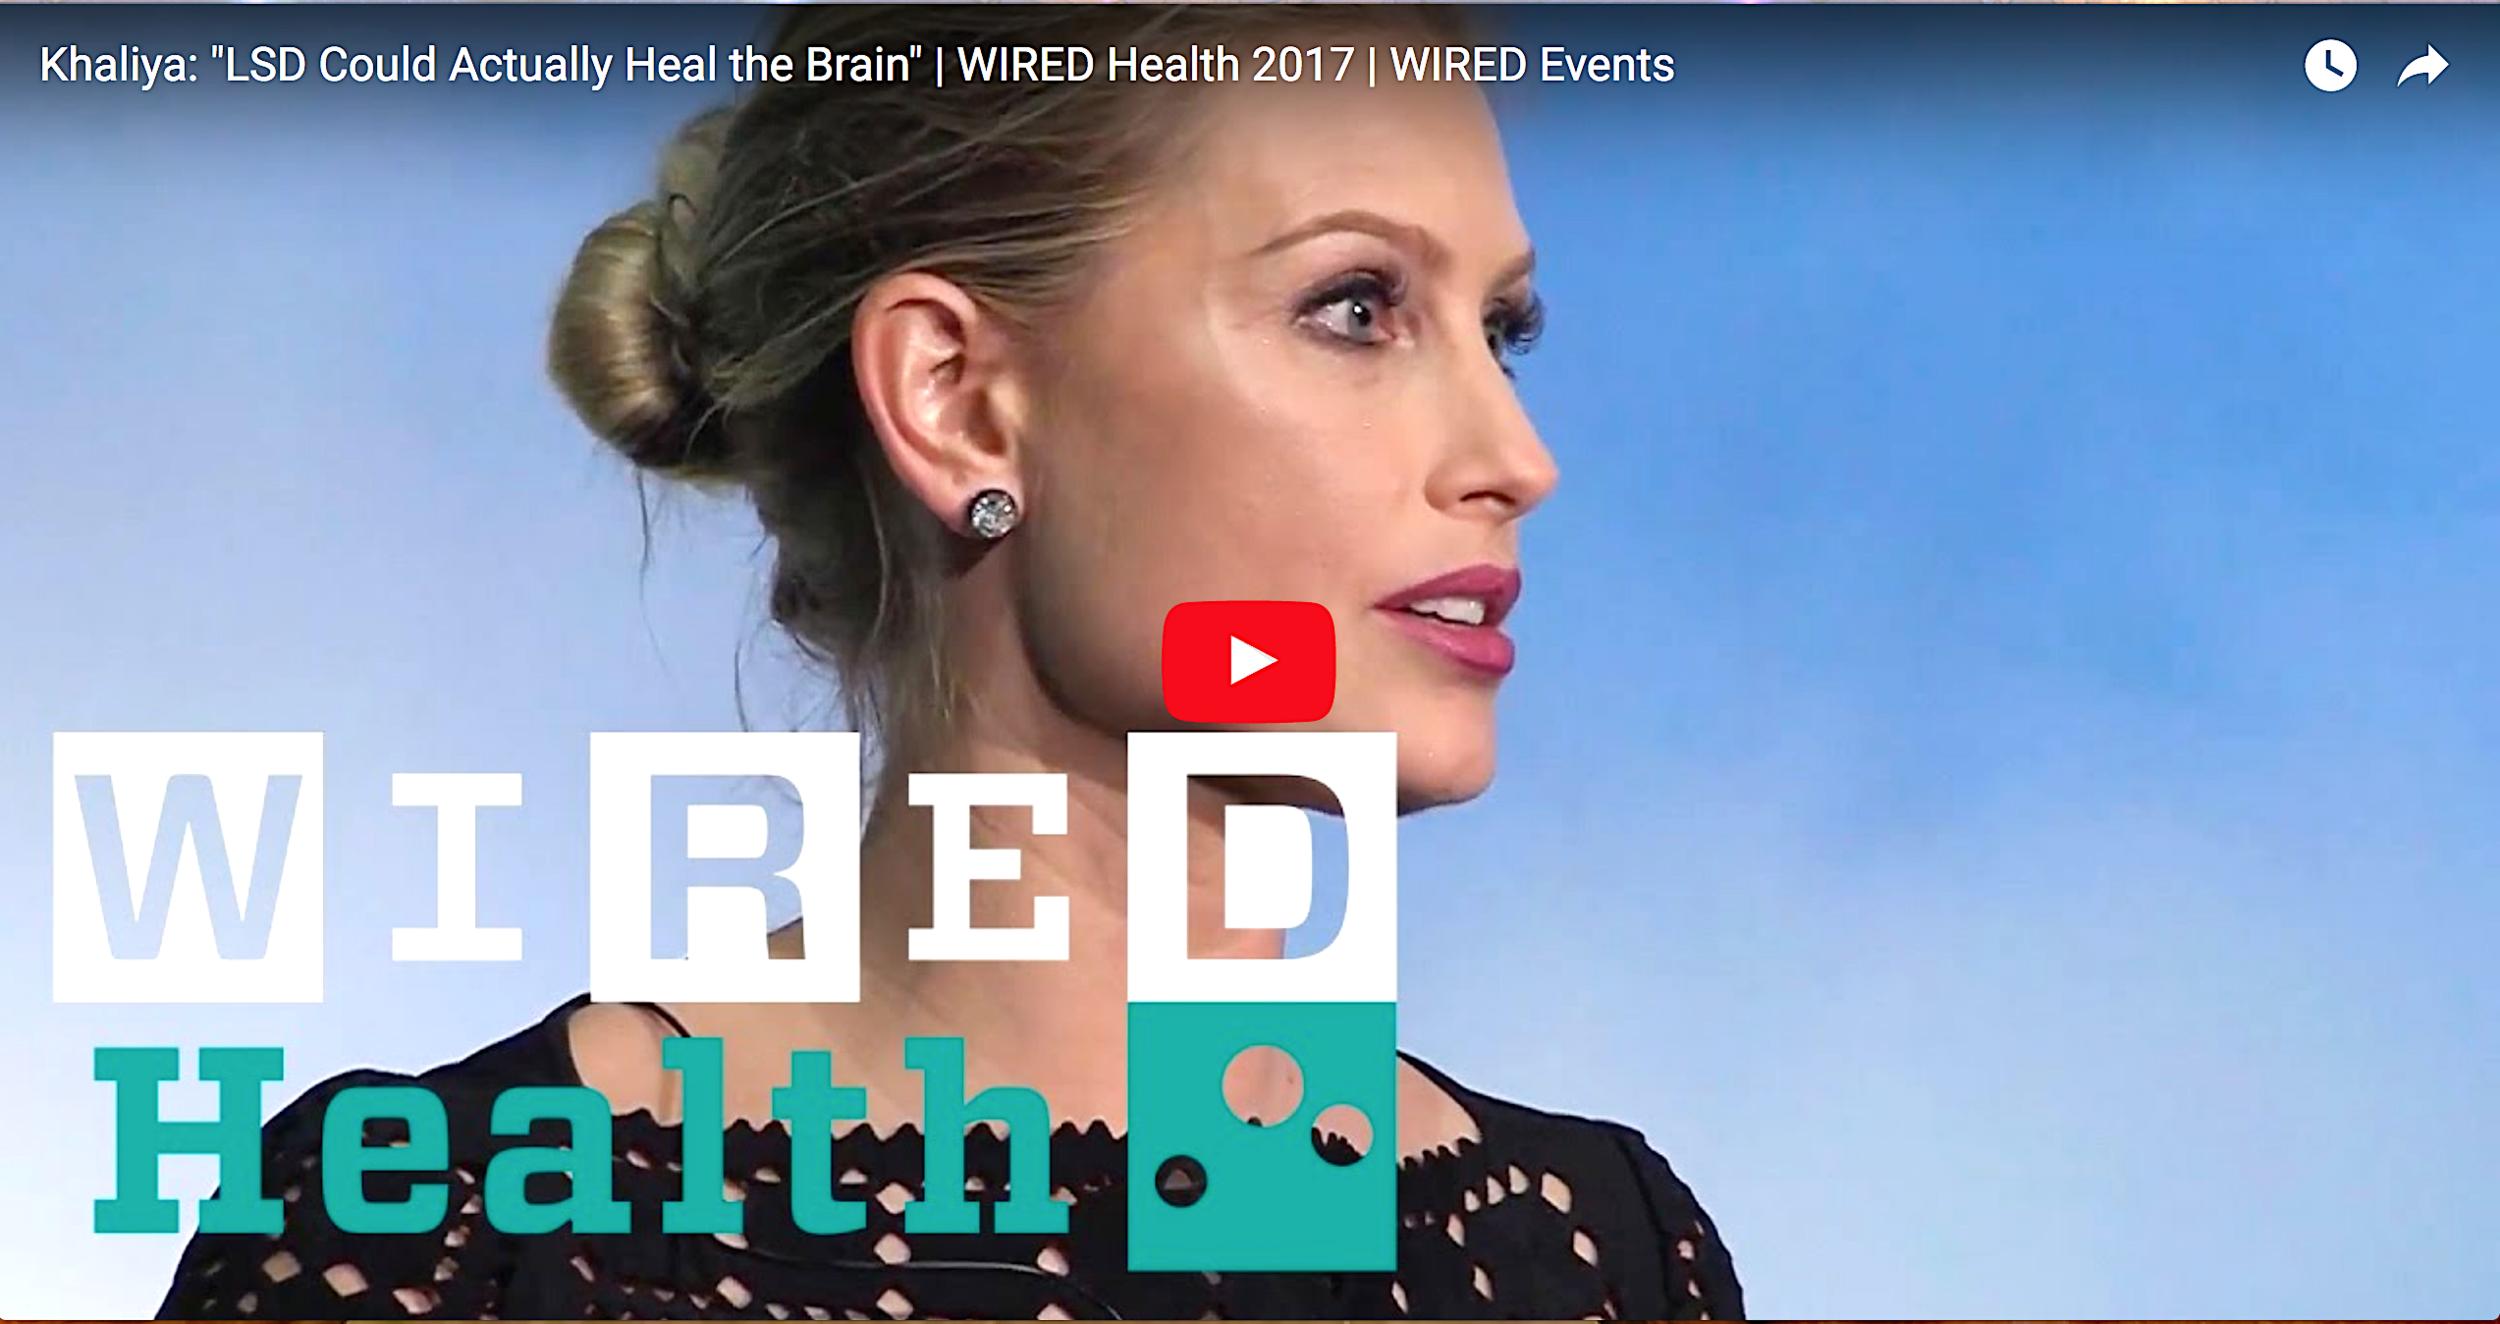 Khaliya_Wired_Health_2017.png